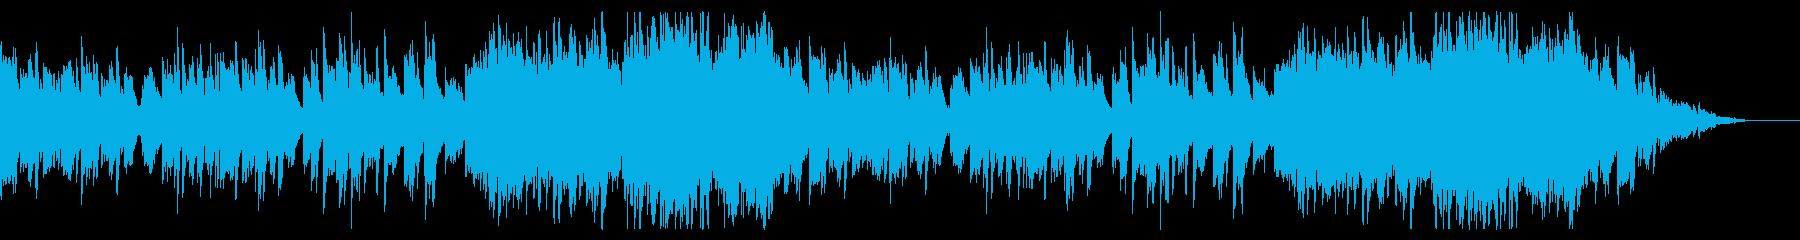 【ブライダル】ピアノメインの感動的な曲の再生済みの波形